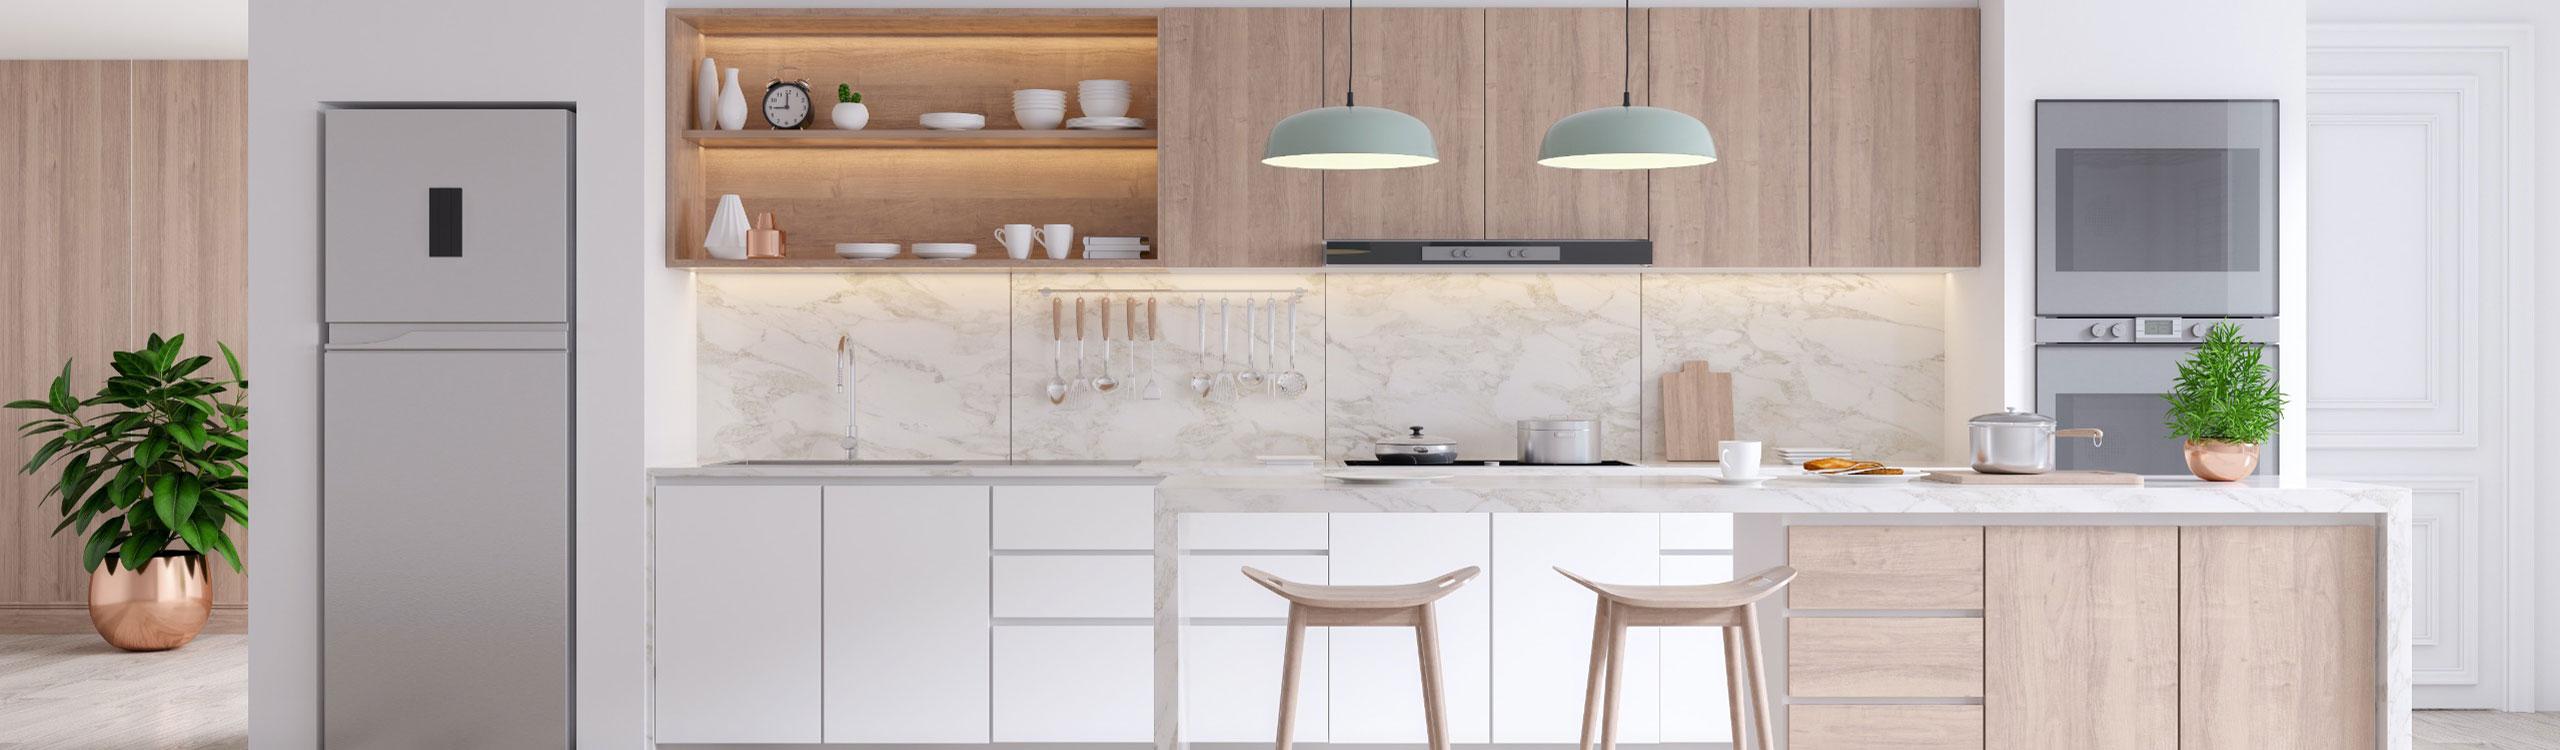 Kitchen Design by Instyle Wardrobes